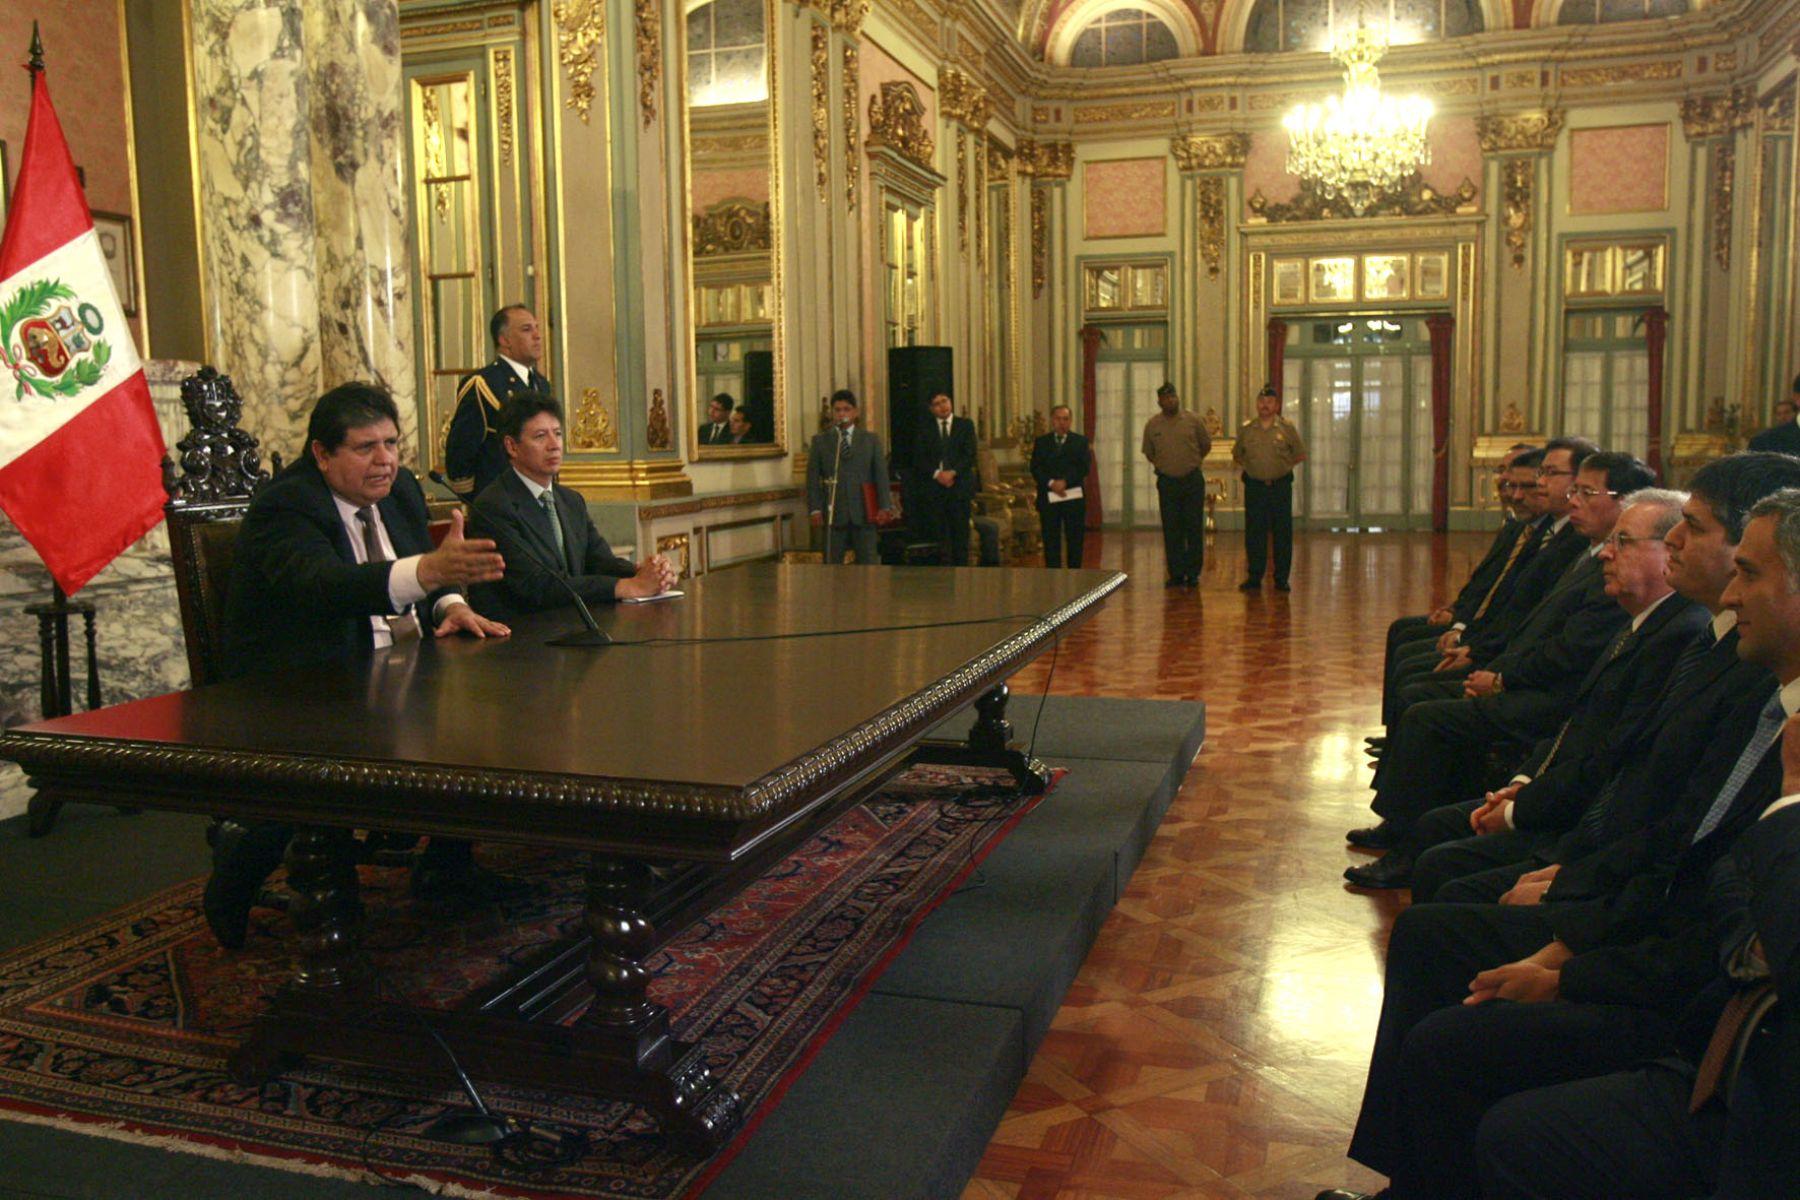 El jefe de Estado, Alan García, presidió esta mañana  la ceremonia de firma de la orden que da inicio a las obras de la Central de Generación Eléctrica más grande del Perú, a cargo de Kallpa Generation. Foto: Sepres.